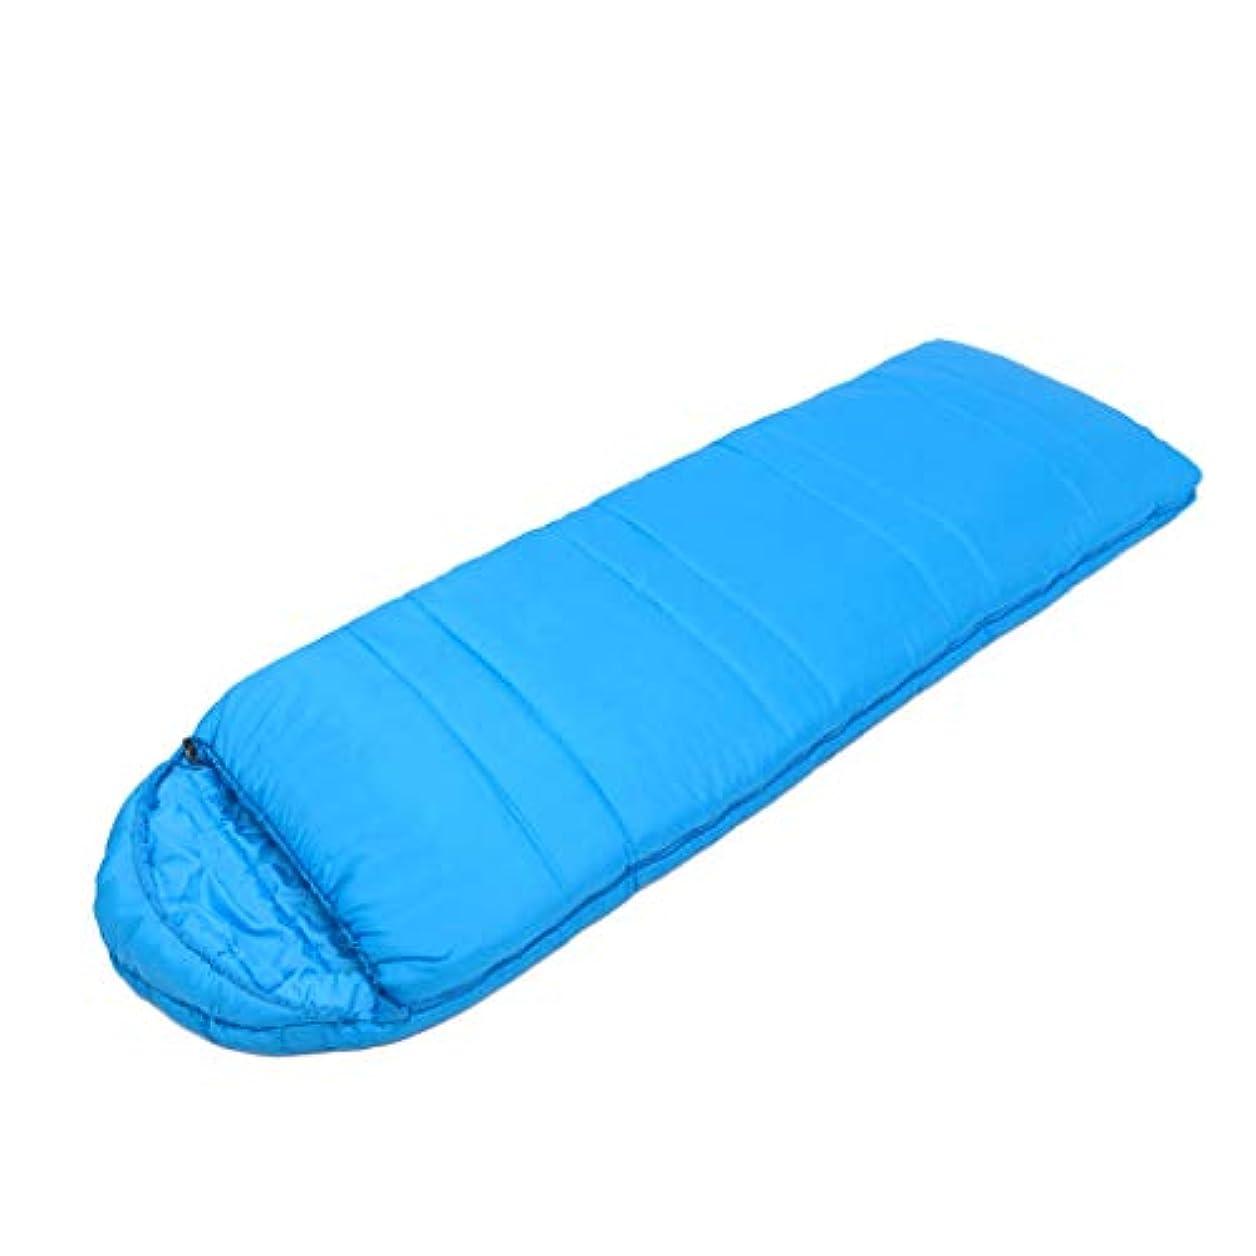 良さ唯一主張するLCSHAN 寝袋ポリエステル屋外暖かいキャンプ旅行大人のフォーシーズン厚手のダウンコットン